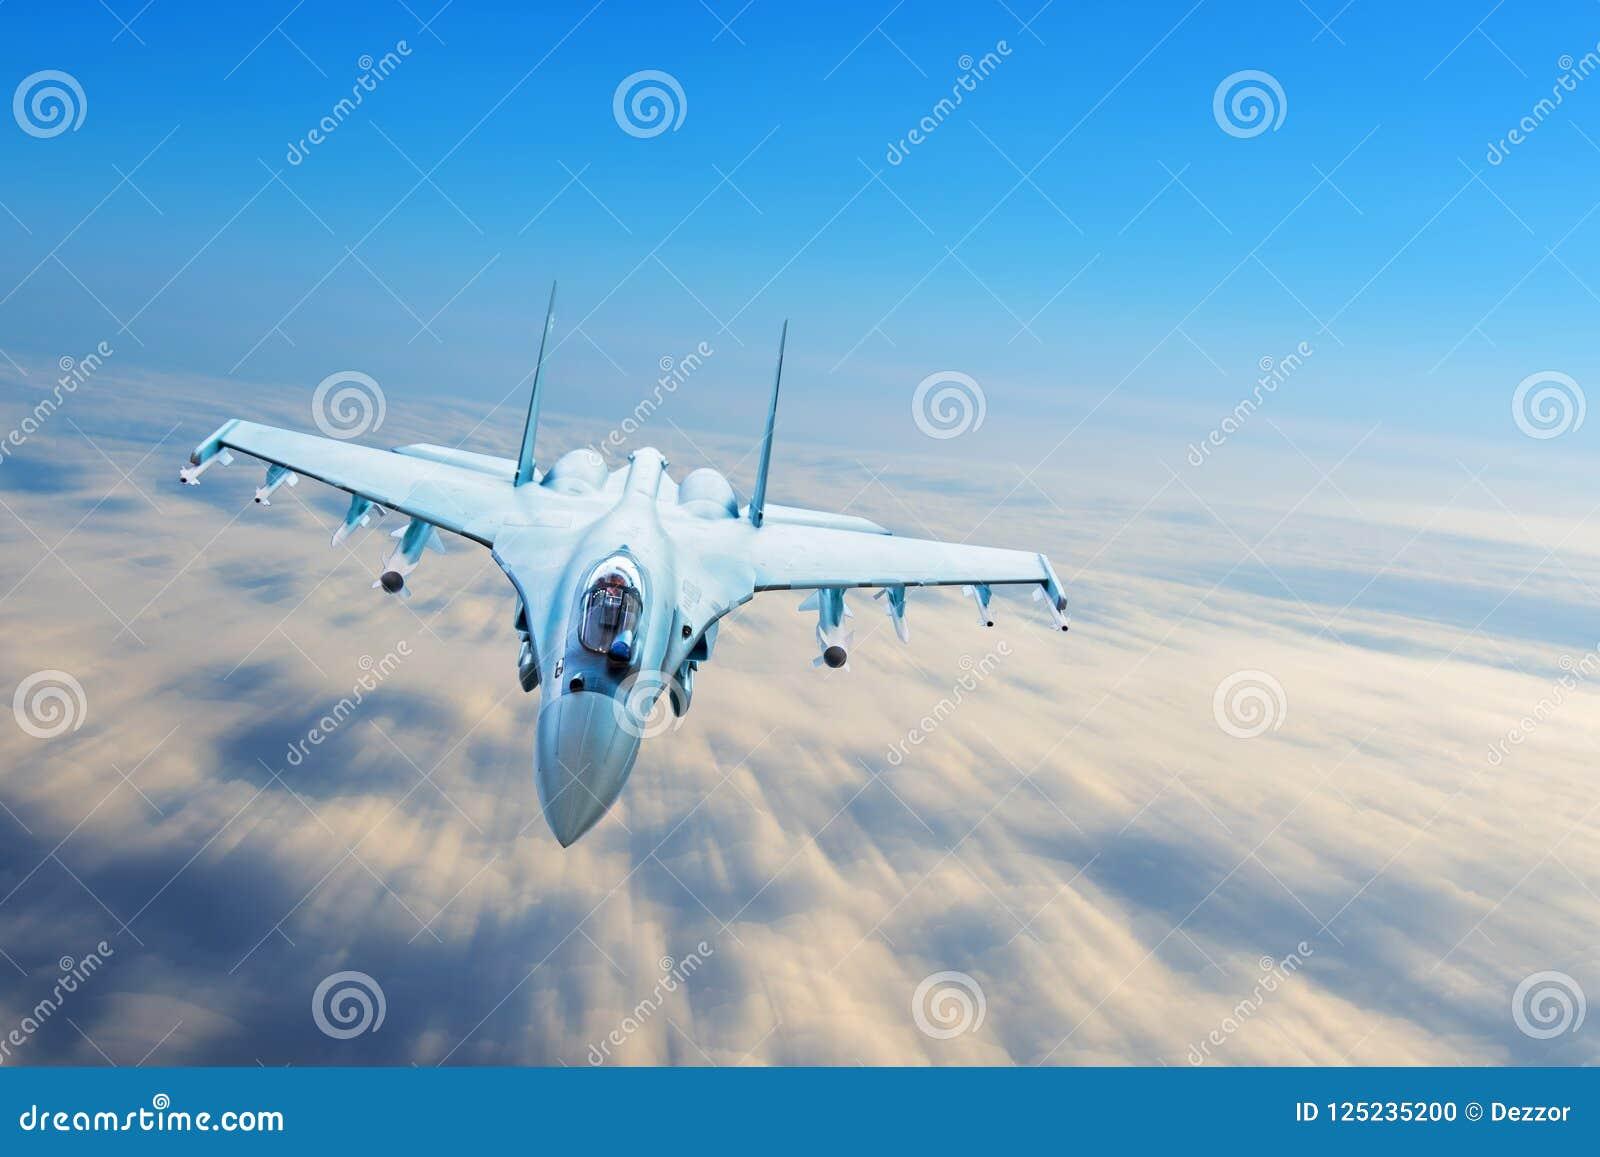 Combata o avião de combate em uma missão militar com armas - foguetes, bombas, armas na elevação do borrão de movimento das mosca